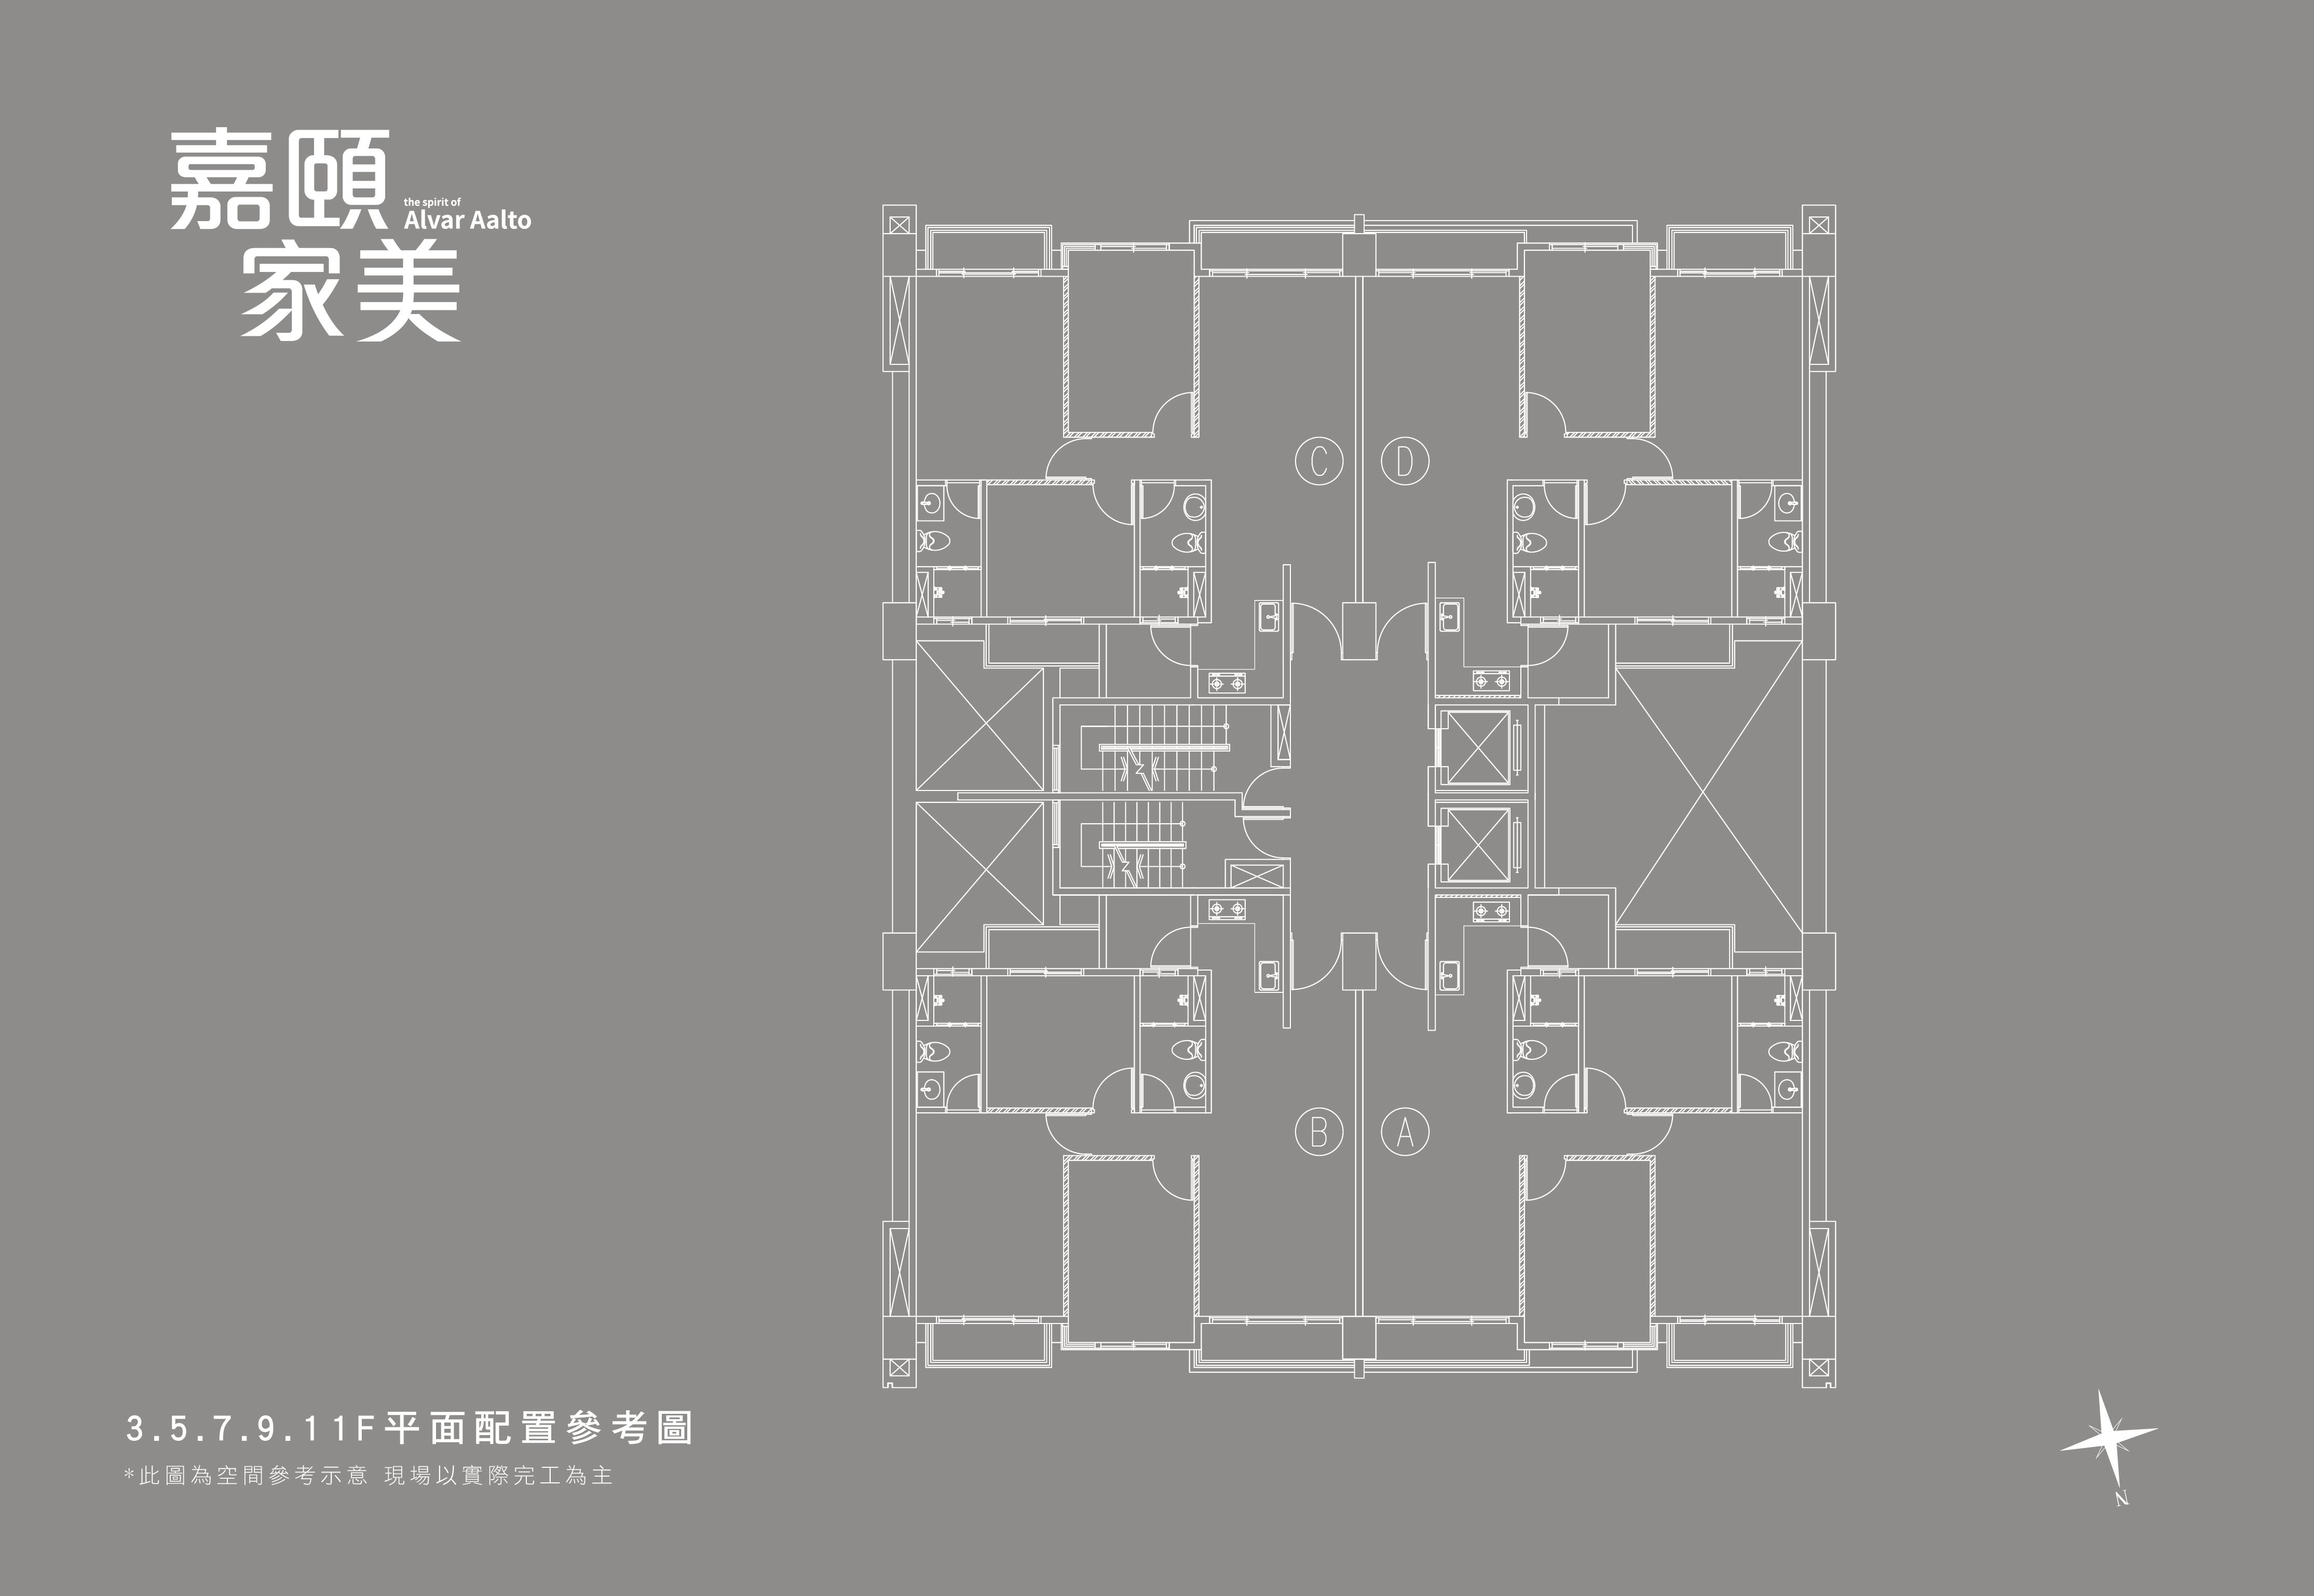 [新竹國小]嘉頤建設-嘉頤家美(大樓)20180402-02.jpg